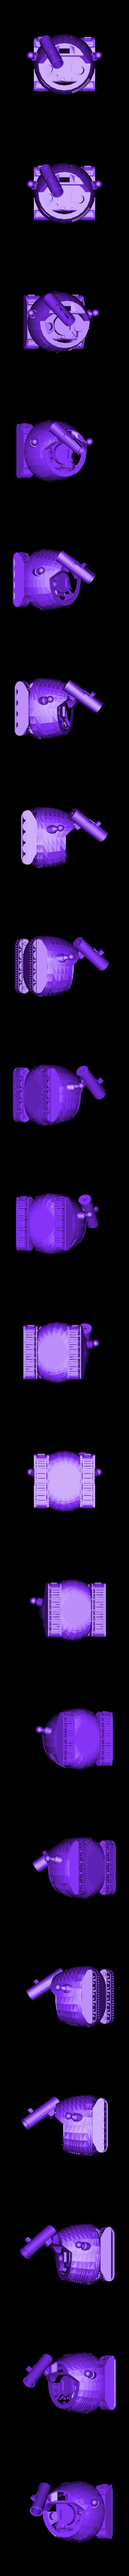 STL_UltiBotBot_Assembled_body.stl Download STL file The Ulti-BotBot • 3D printer design, XYZWorkshop